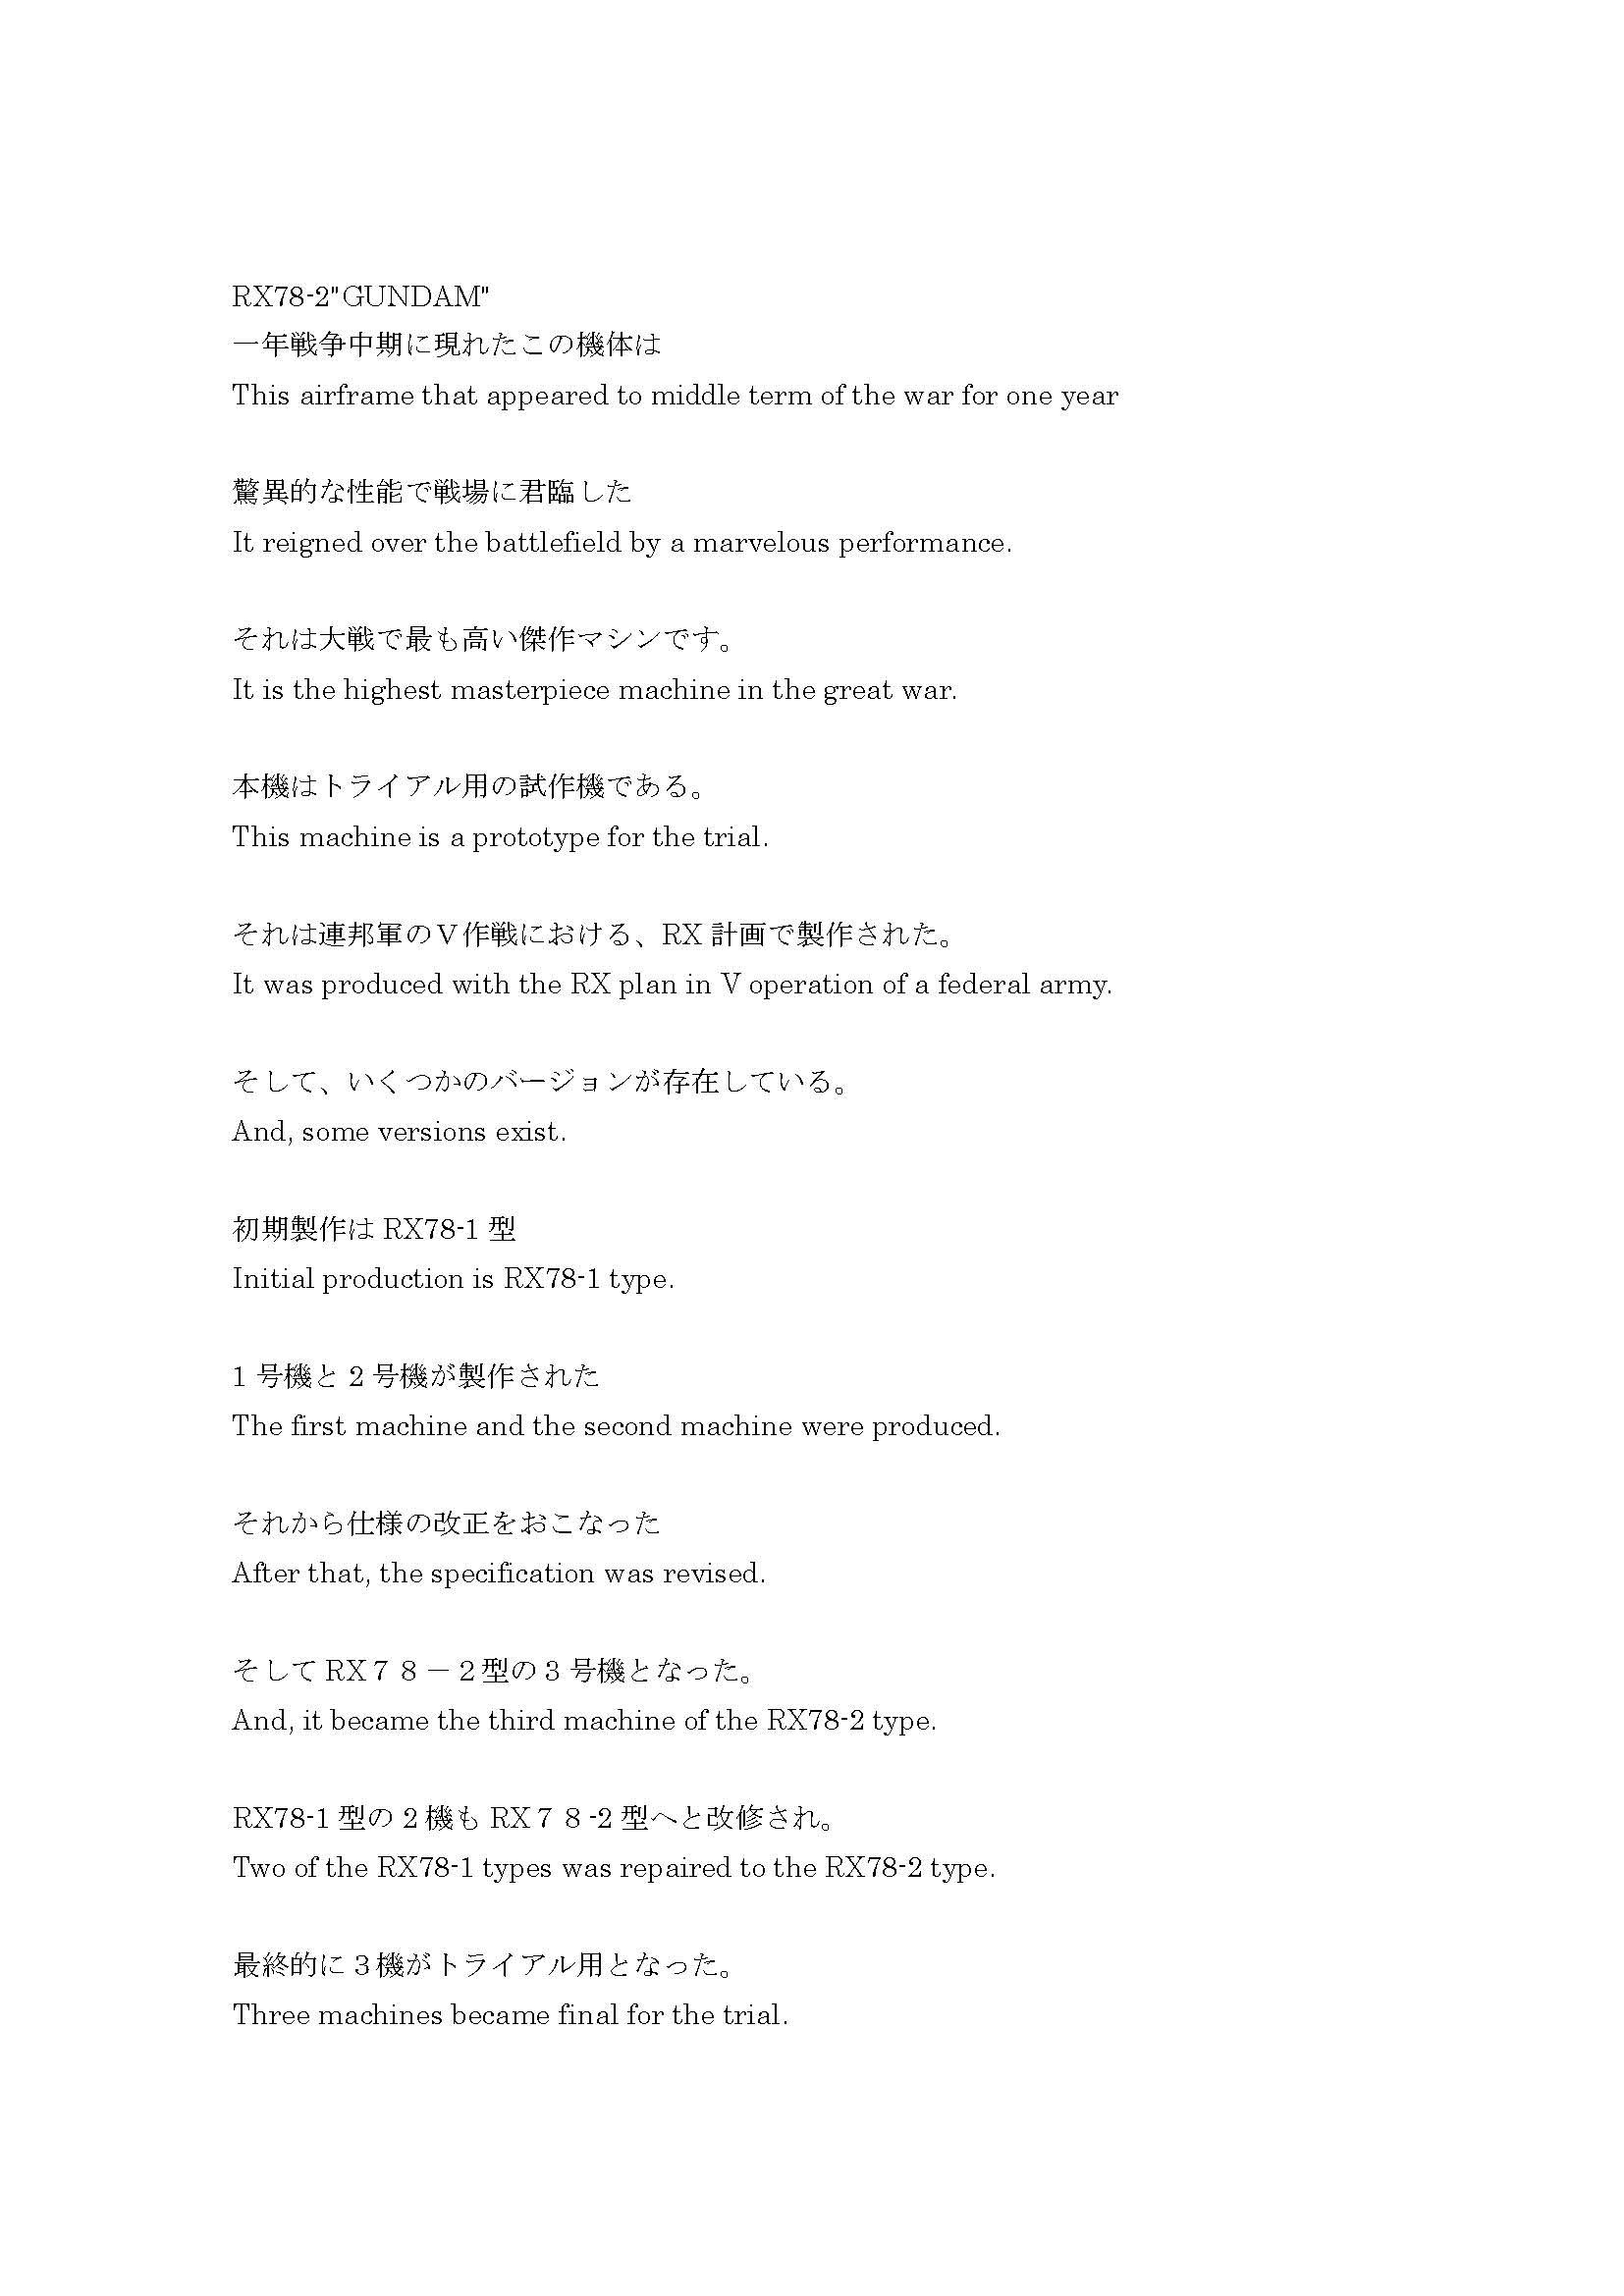 元ネタはまず日本語に それから英訳